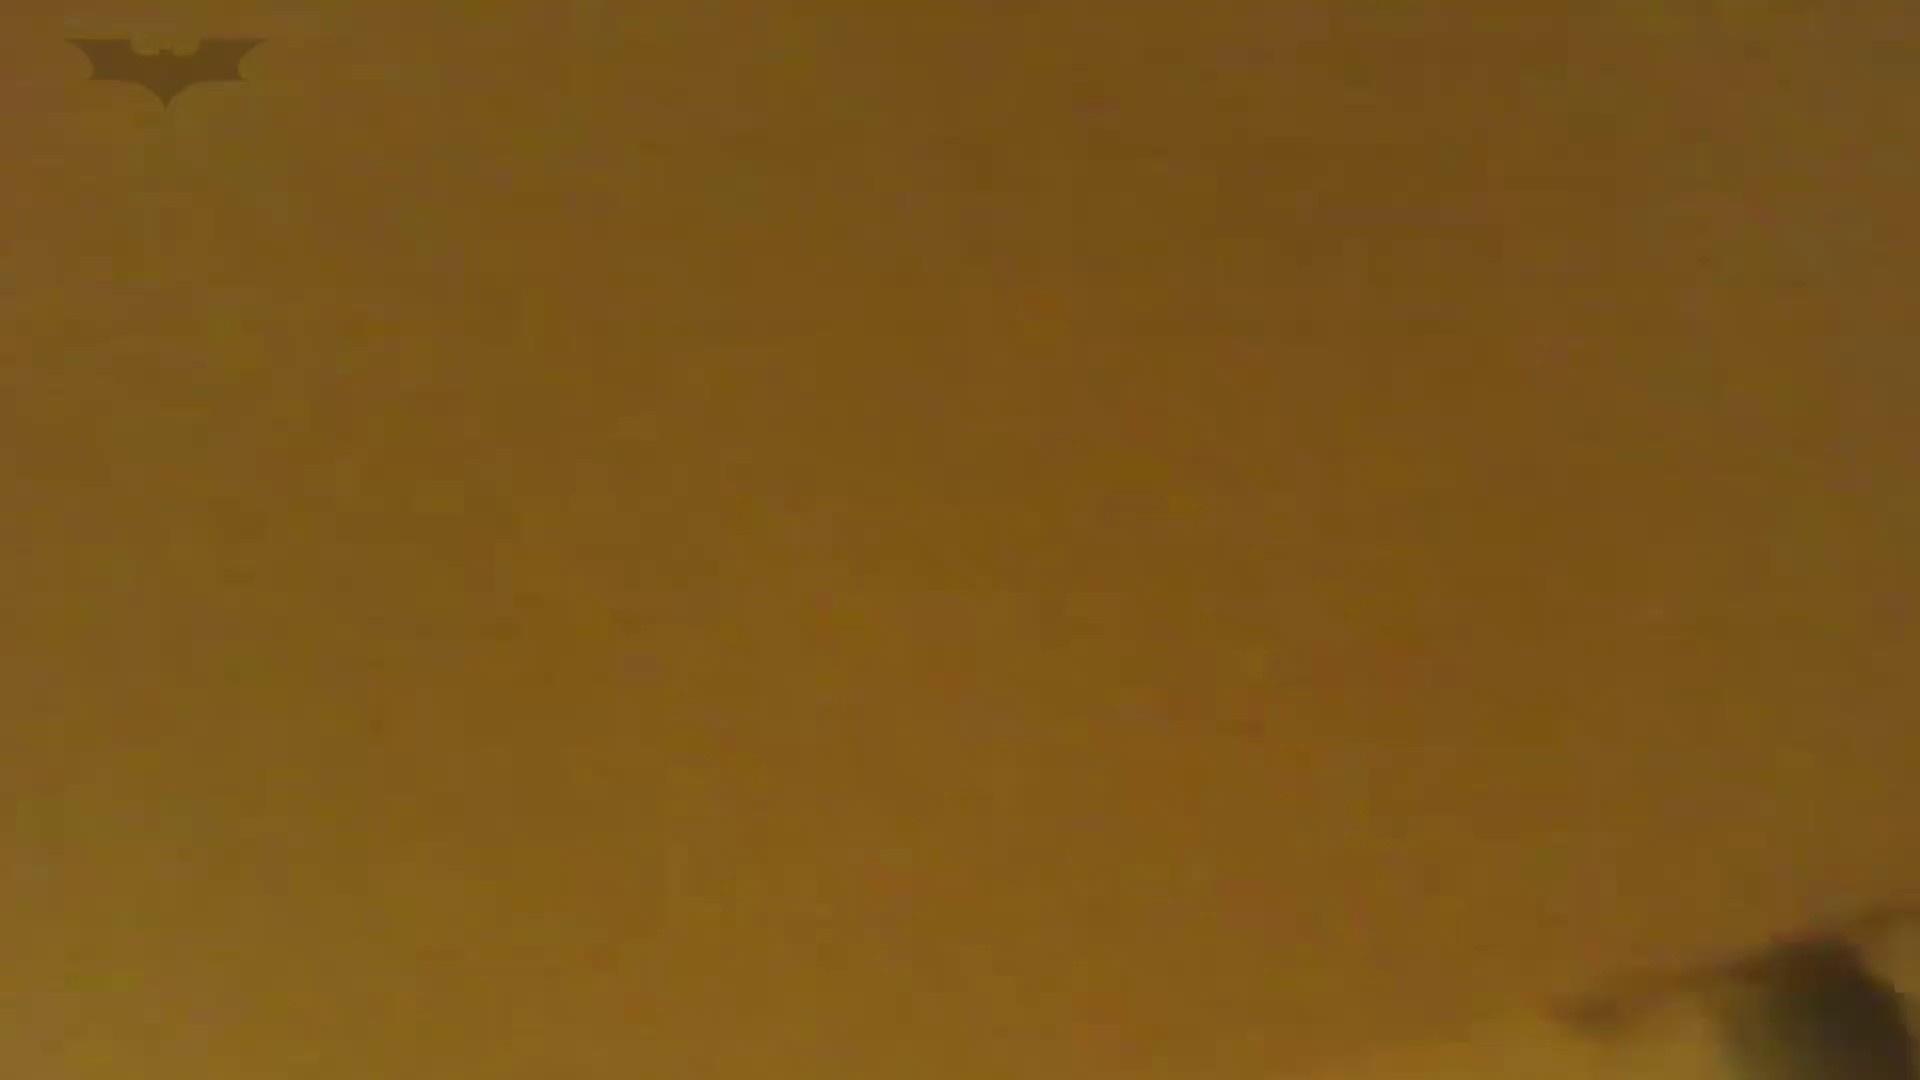 夏の思い出浜辺トイレ盗撮Vol.18 潜入エロ調査 | 盗撮エロすぎ  65連発 47